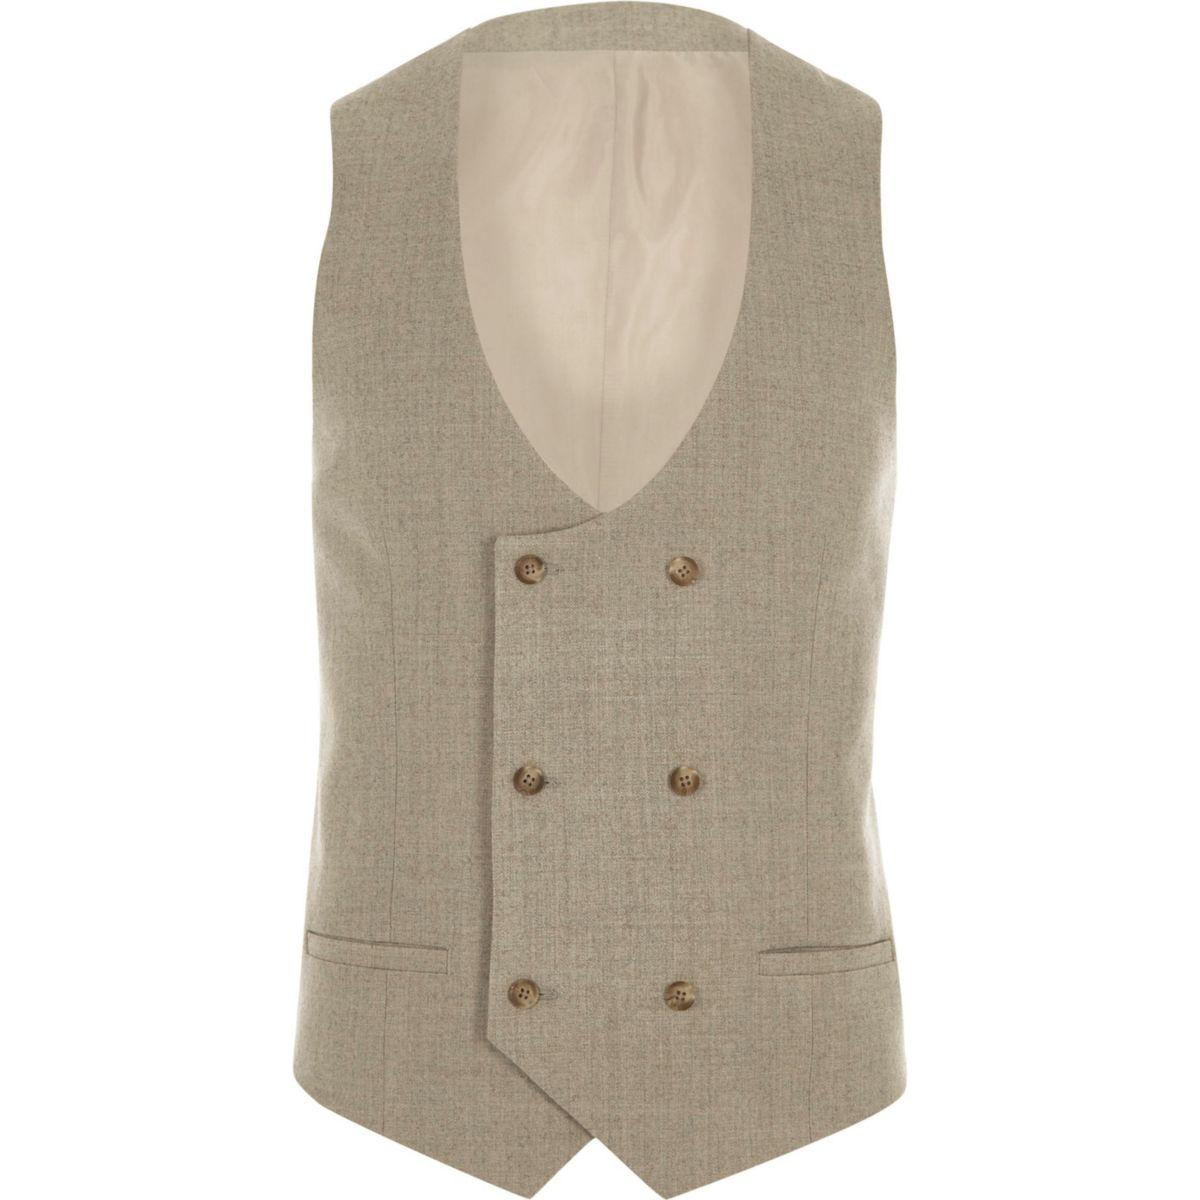 Stone suit vest